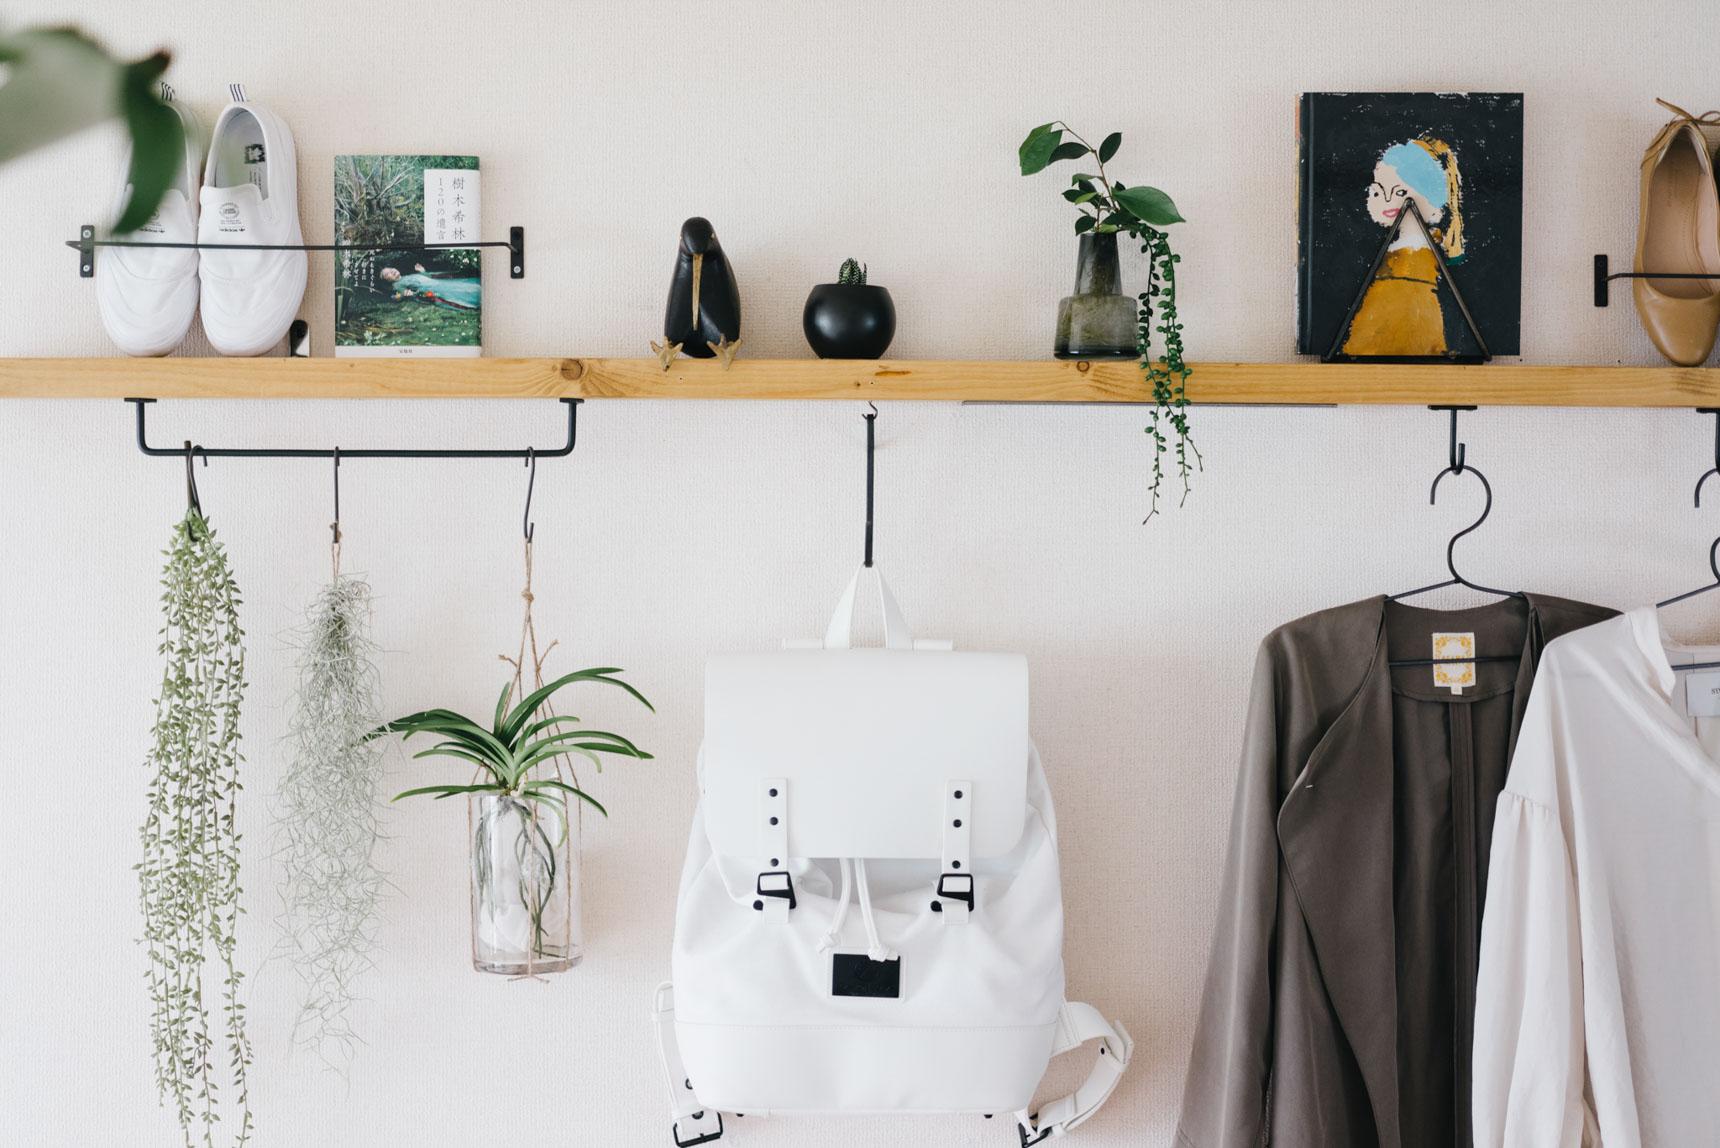 ホームセンターで購入できる2×4材を棚受けブラケットを使って取り付けた、シンプルな棚。